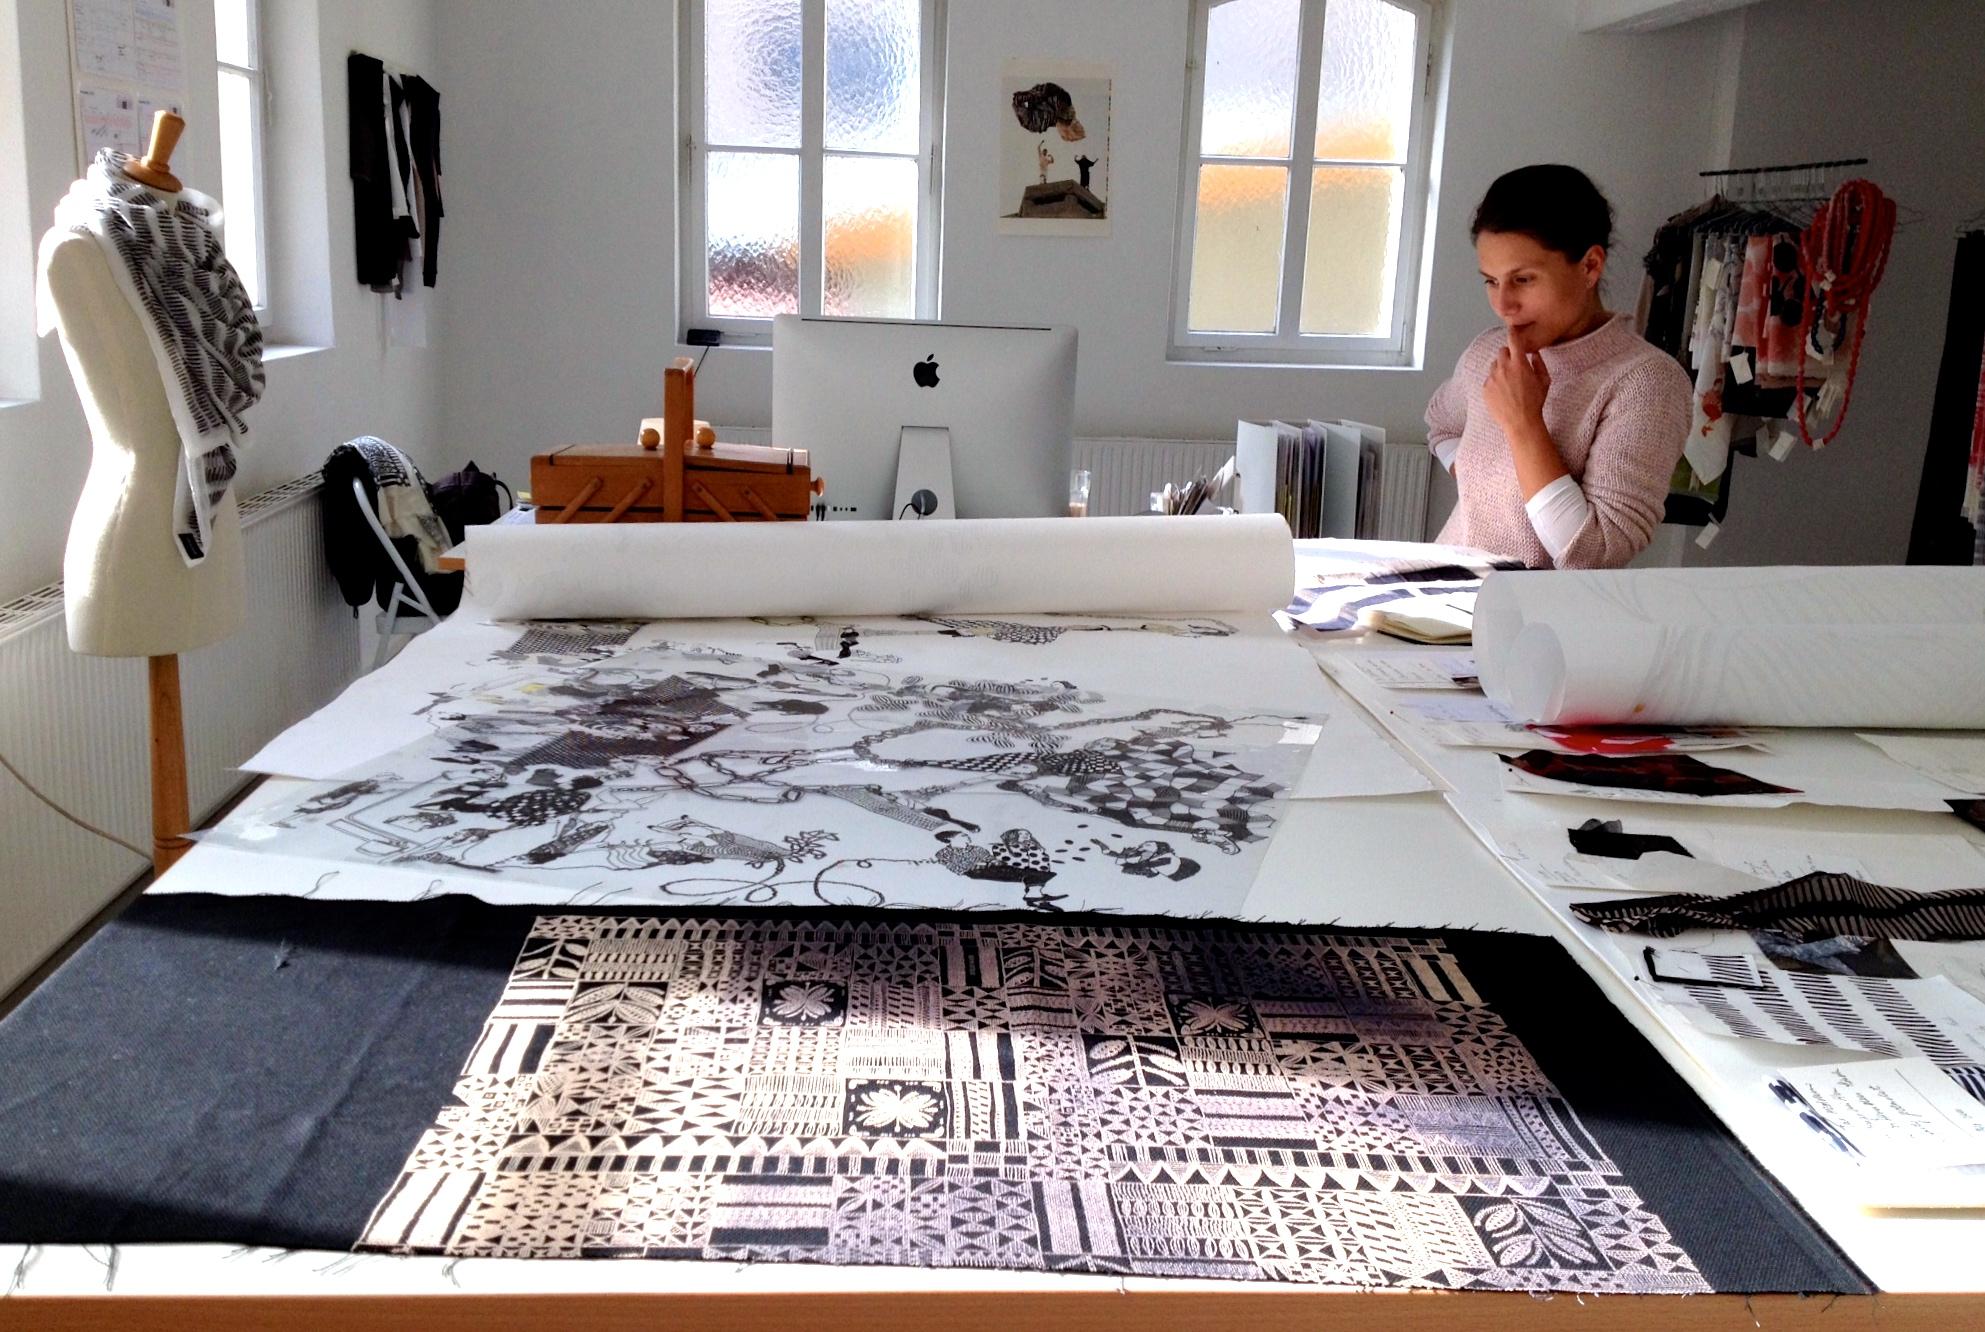 Lenka Kühnertova betrachtet an ihrem Zeichen- und Werktisch ihres Showrooms die Probedrucke ihrer Musterbücher